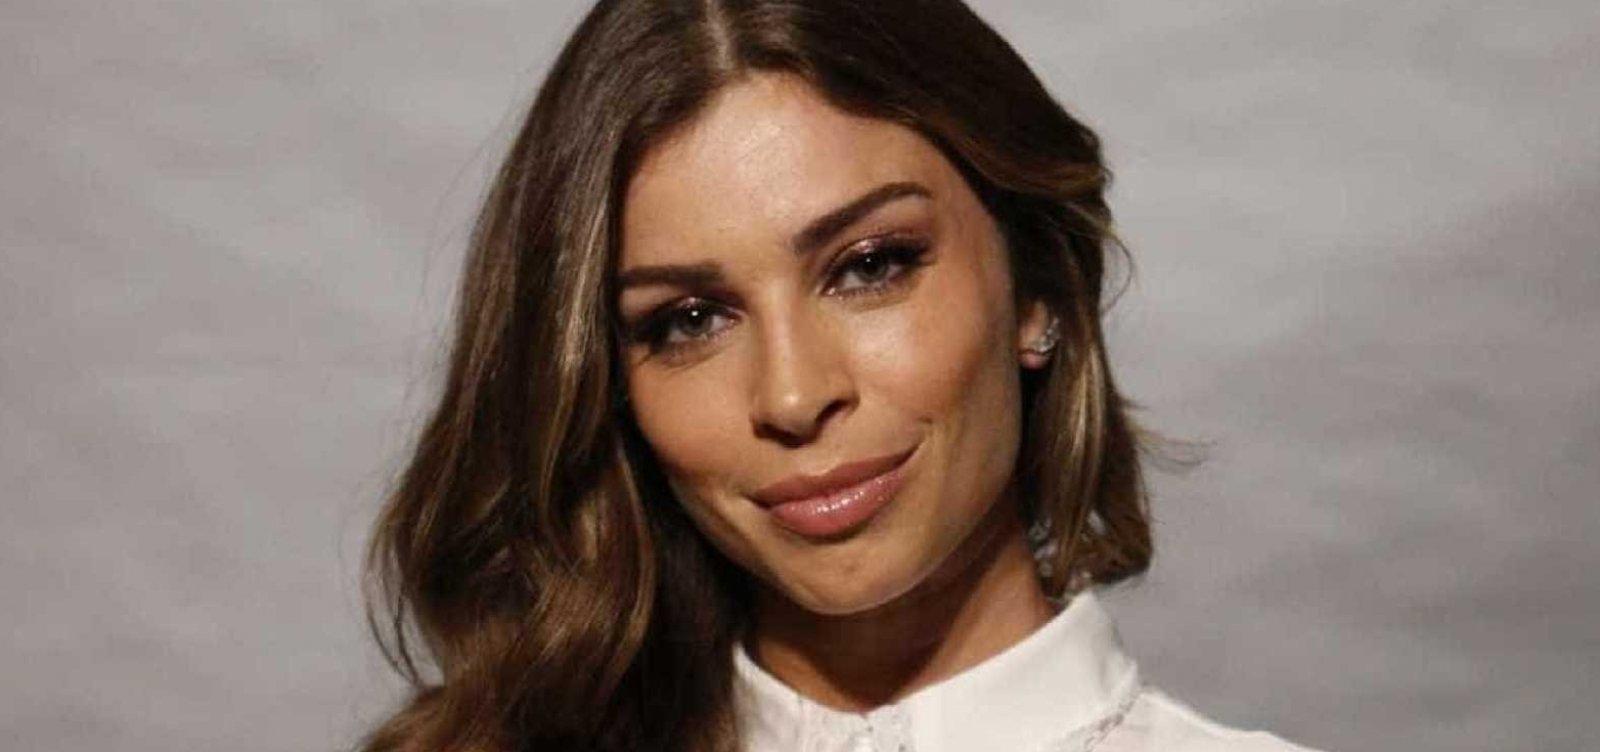 [Grazi Massafera abandona carreira de atriz: 'Fizeram macumba pra mim']